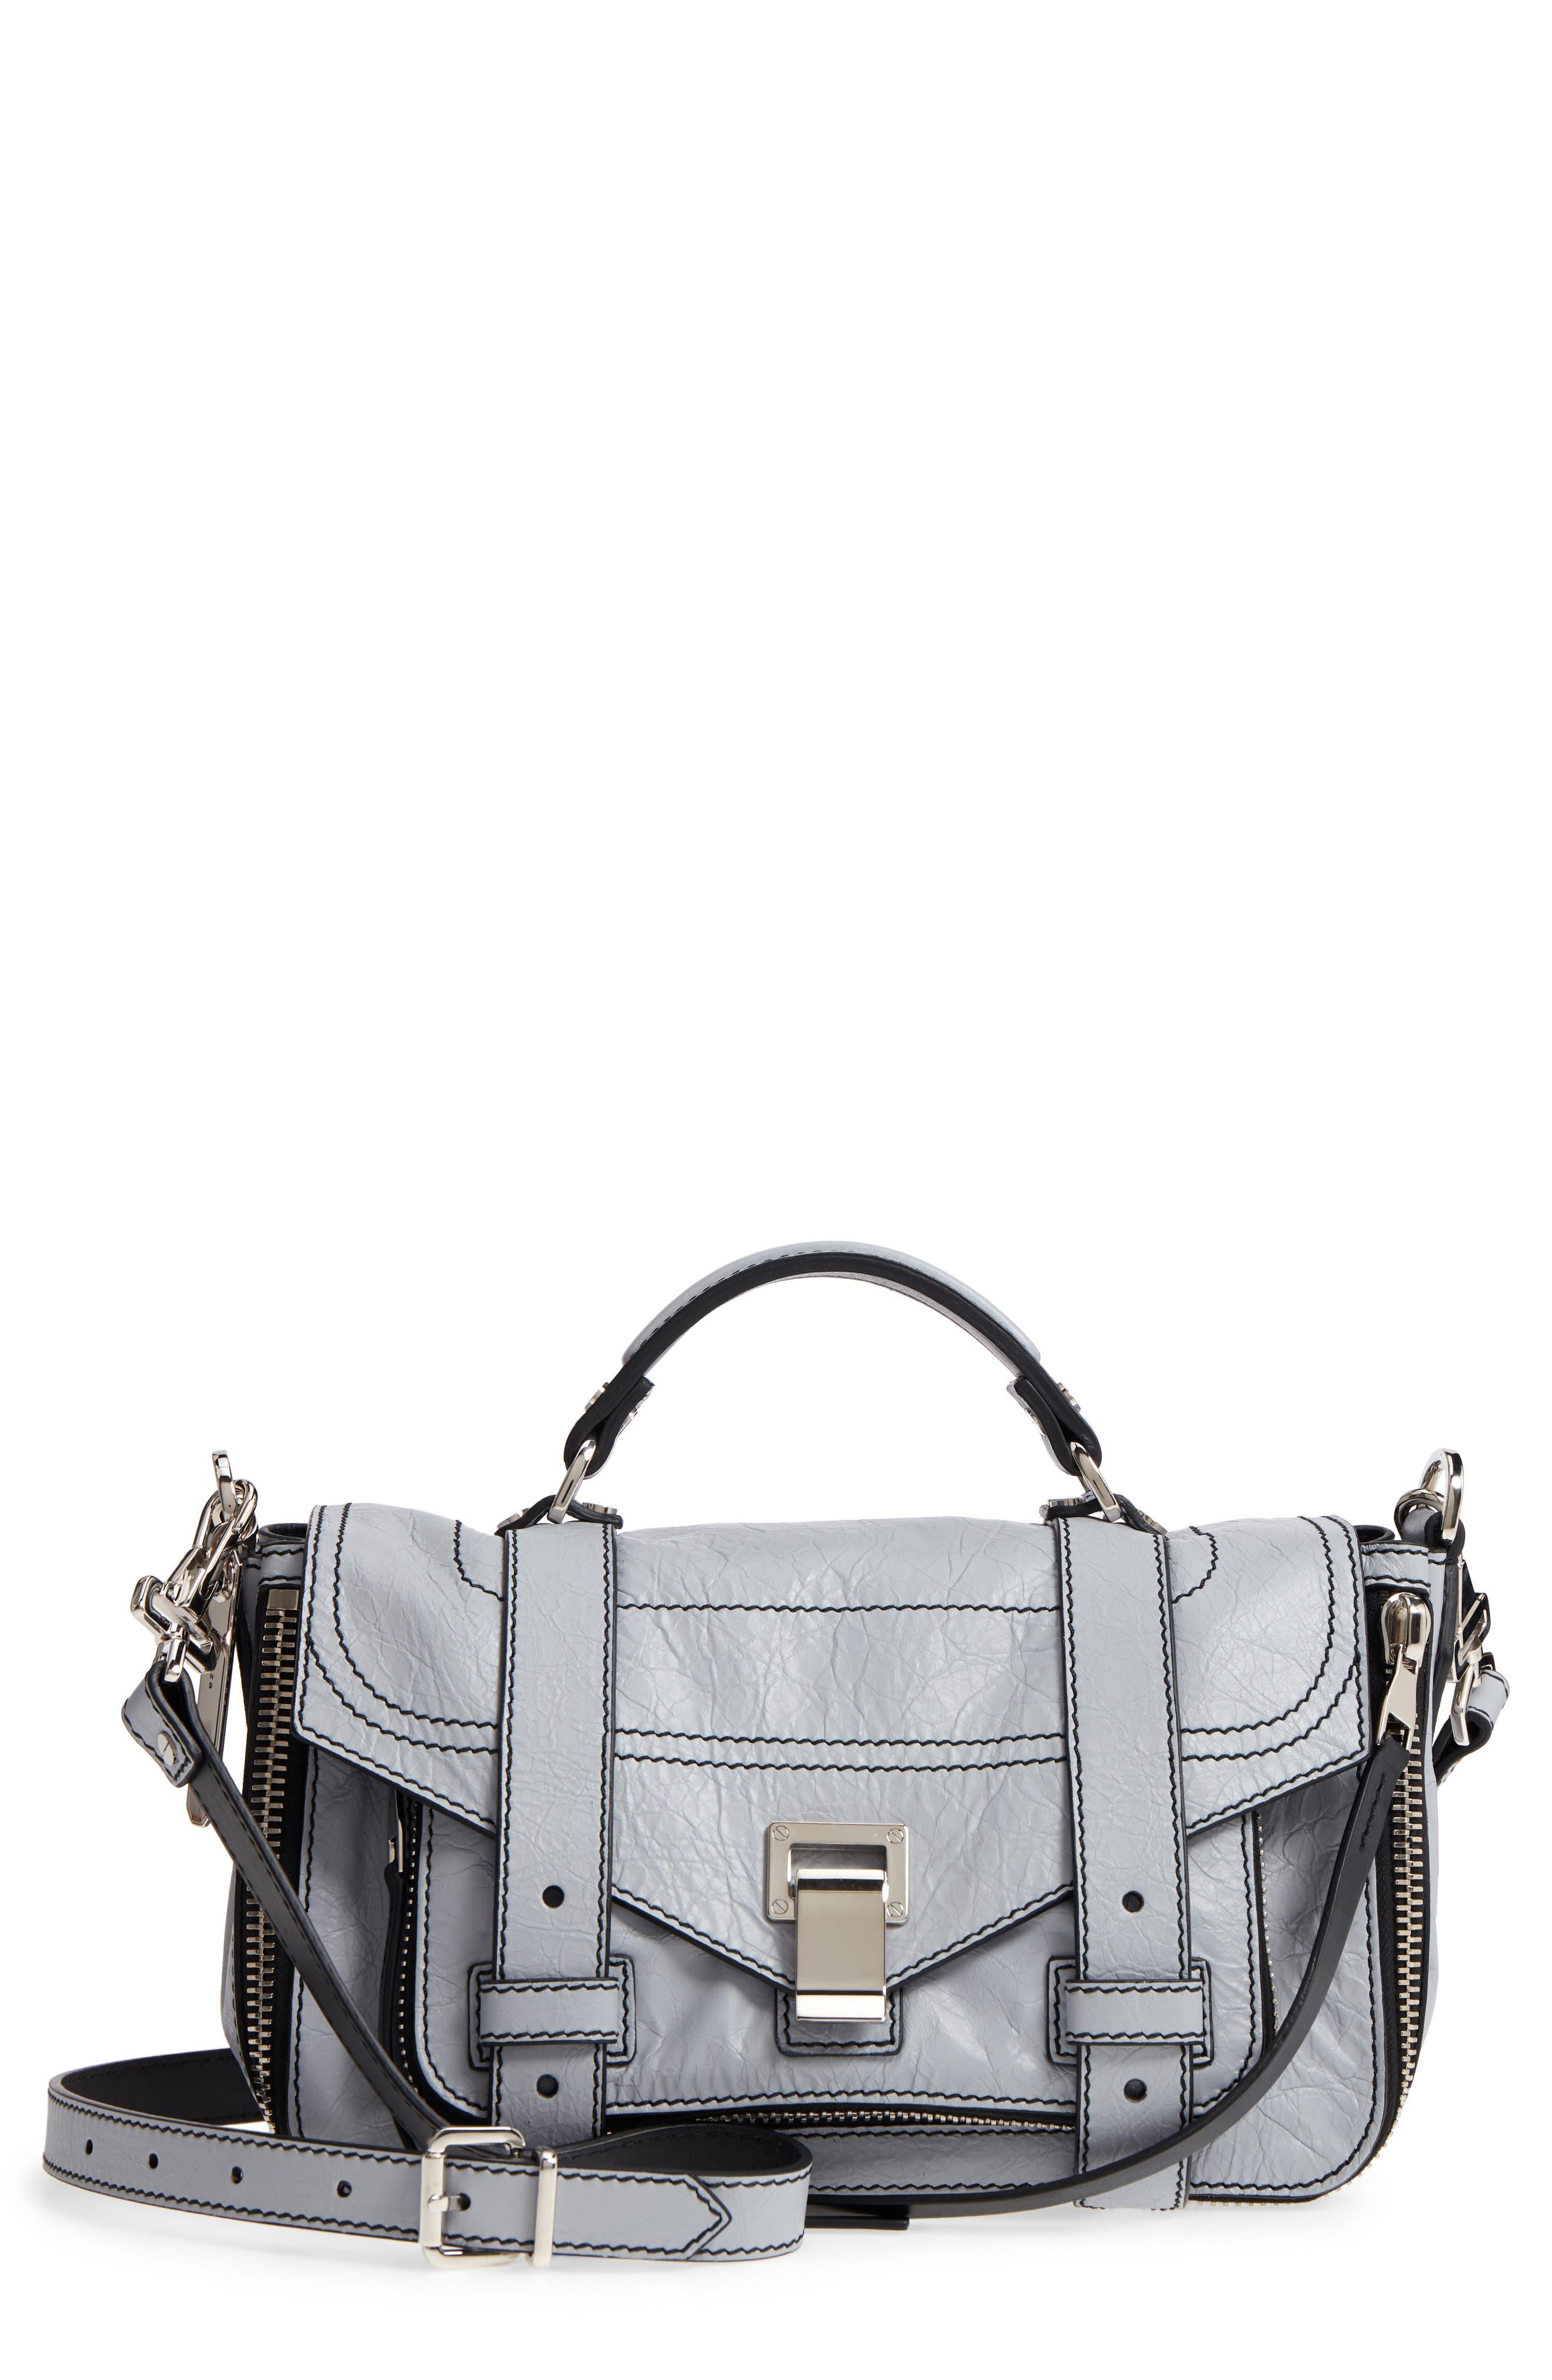 Proenza Schouler PS1+ Medium Paper Leather Satchel Bag E4x4nI